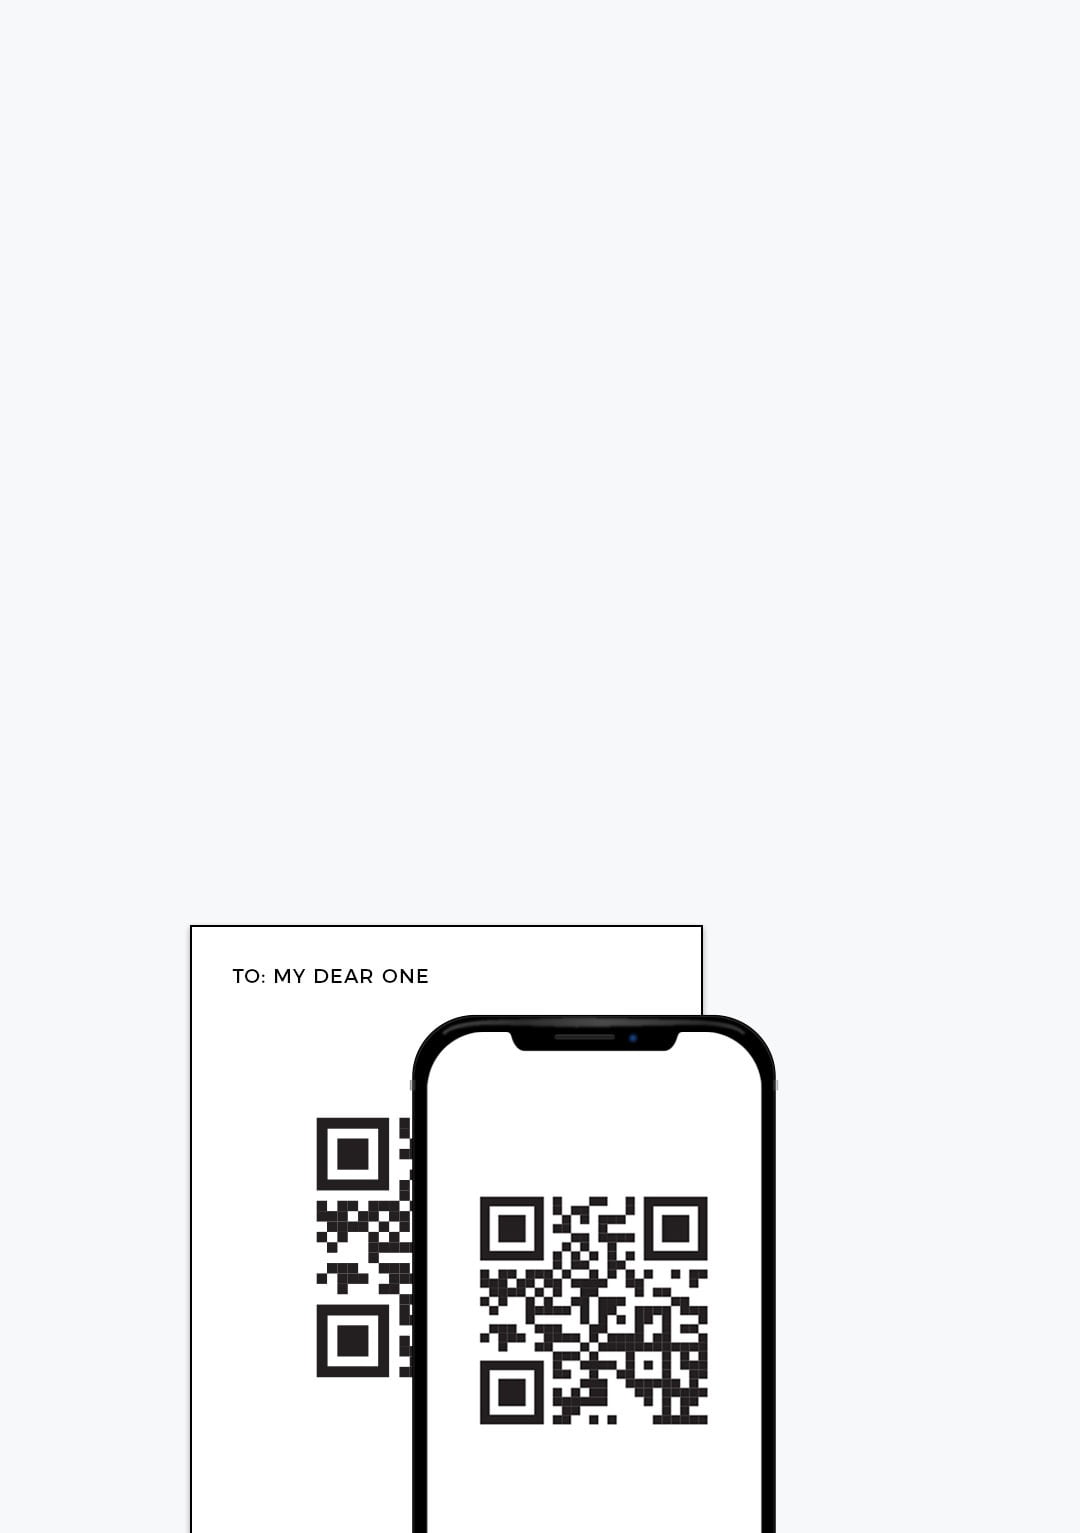 Scan QR Code Mobile v2